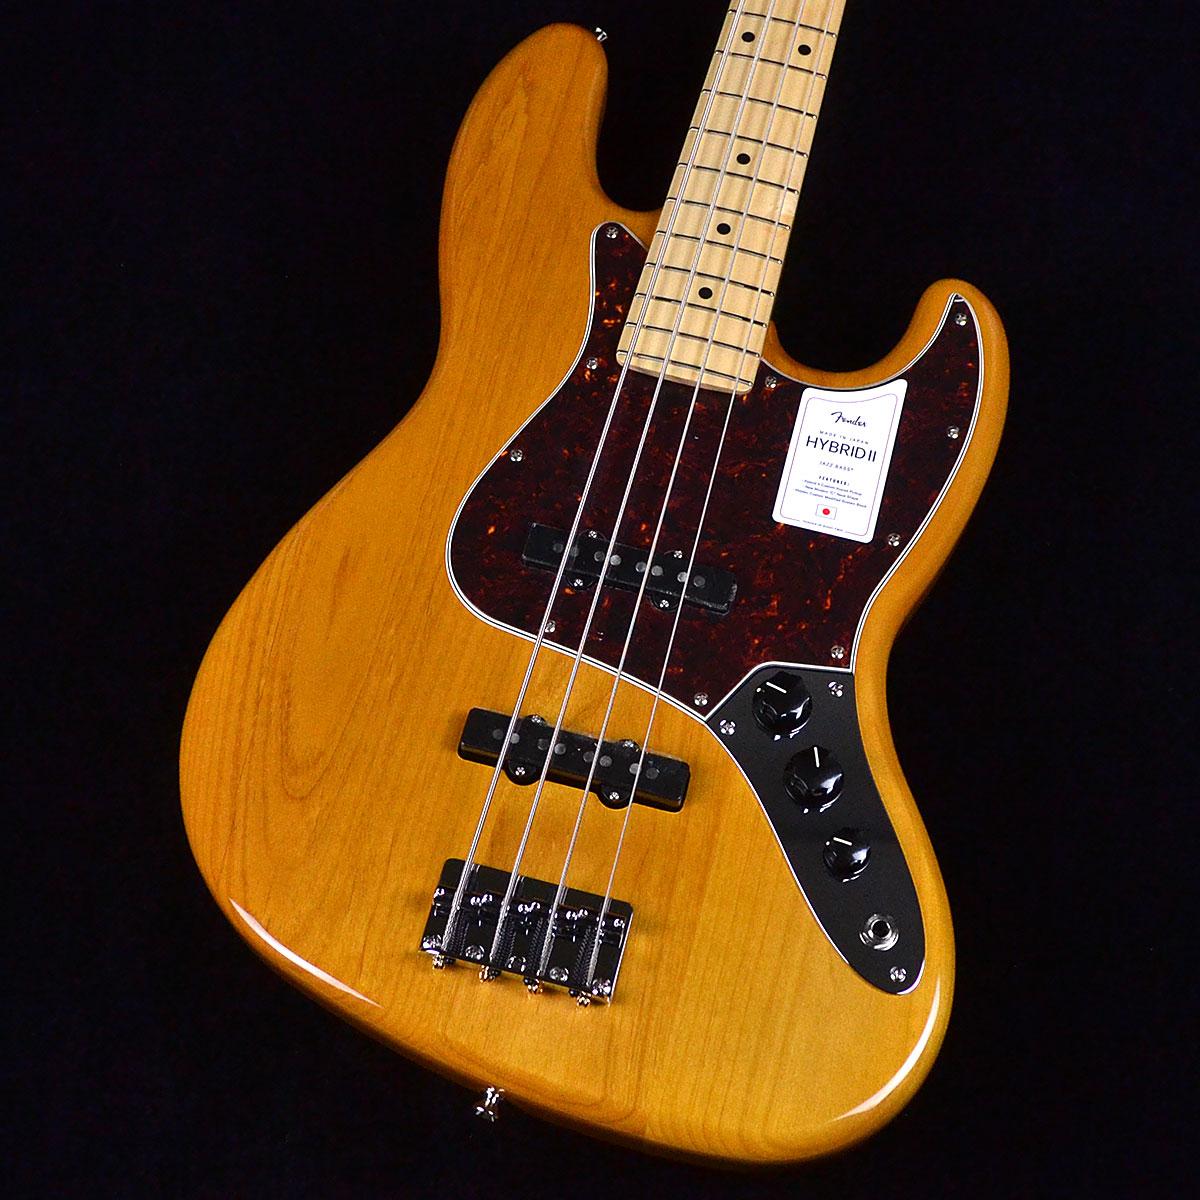 ベース, エレキベース Fender Made In Japan Hybrid II Jazz Bass Vintage Natural 2